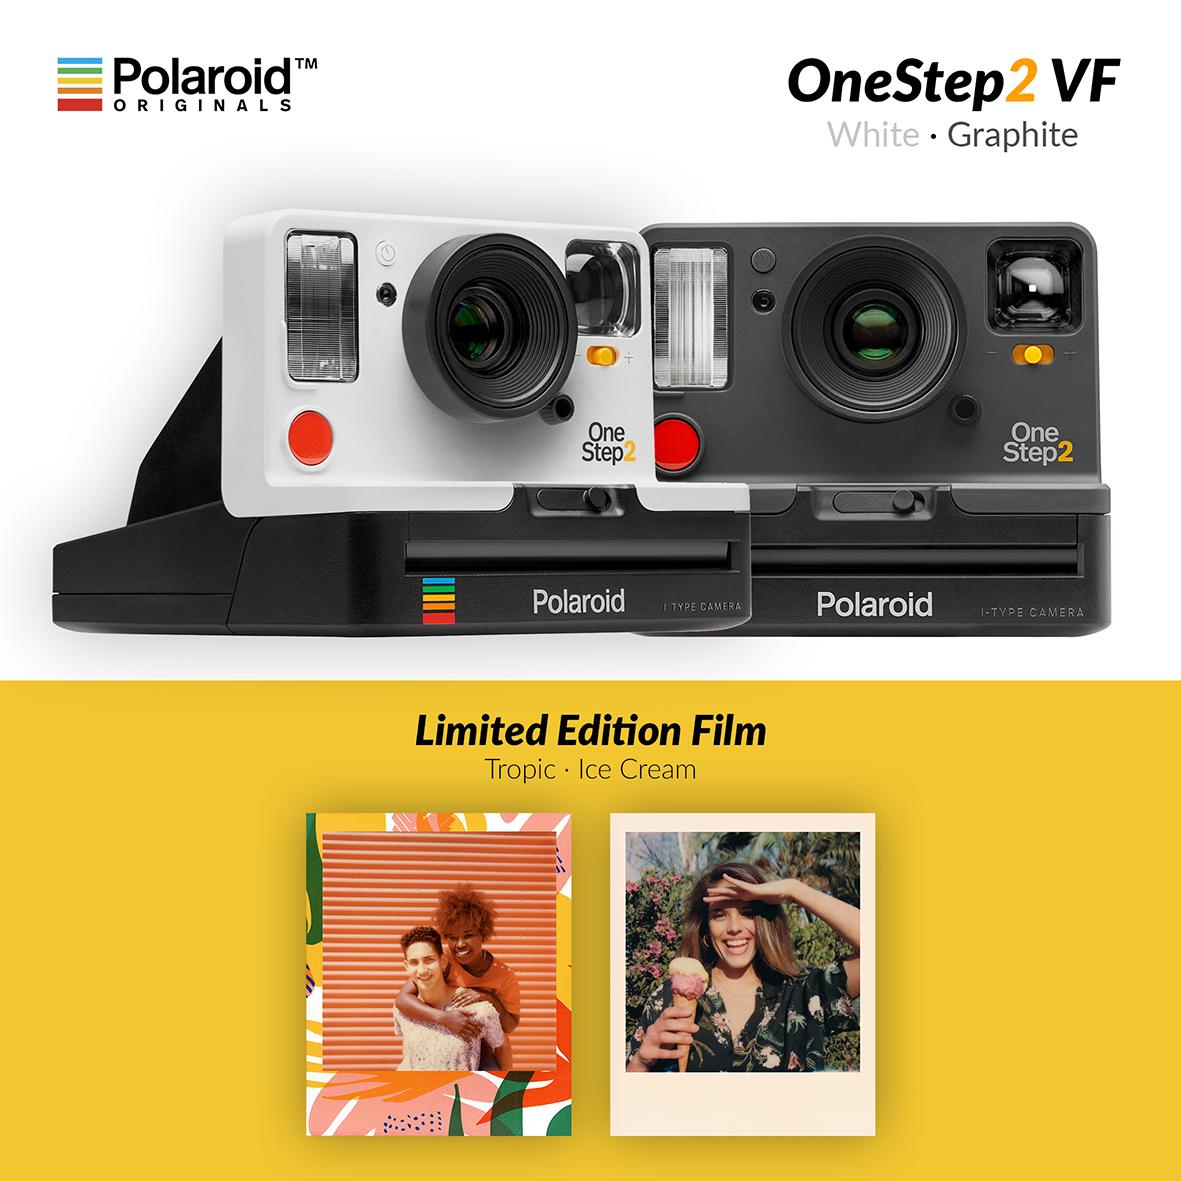 Nyheder fra Polaroid Originals!